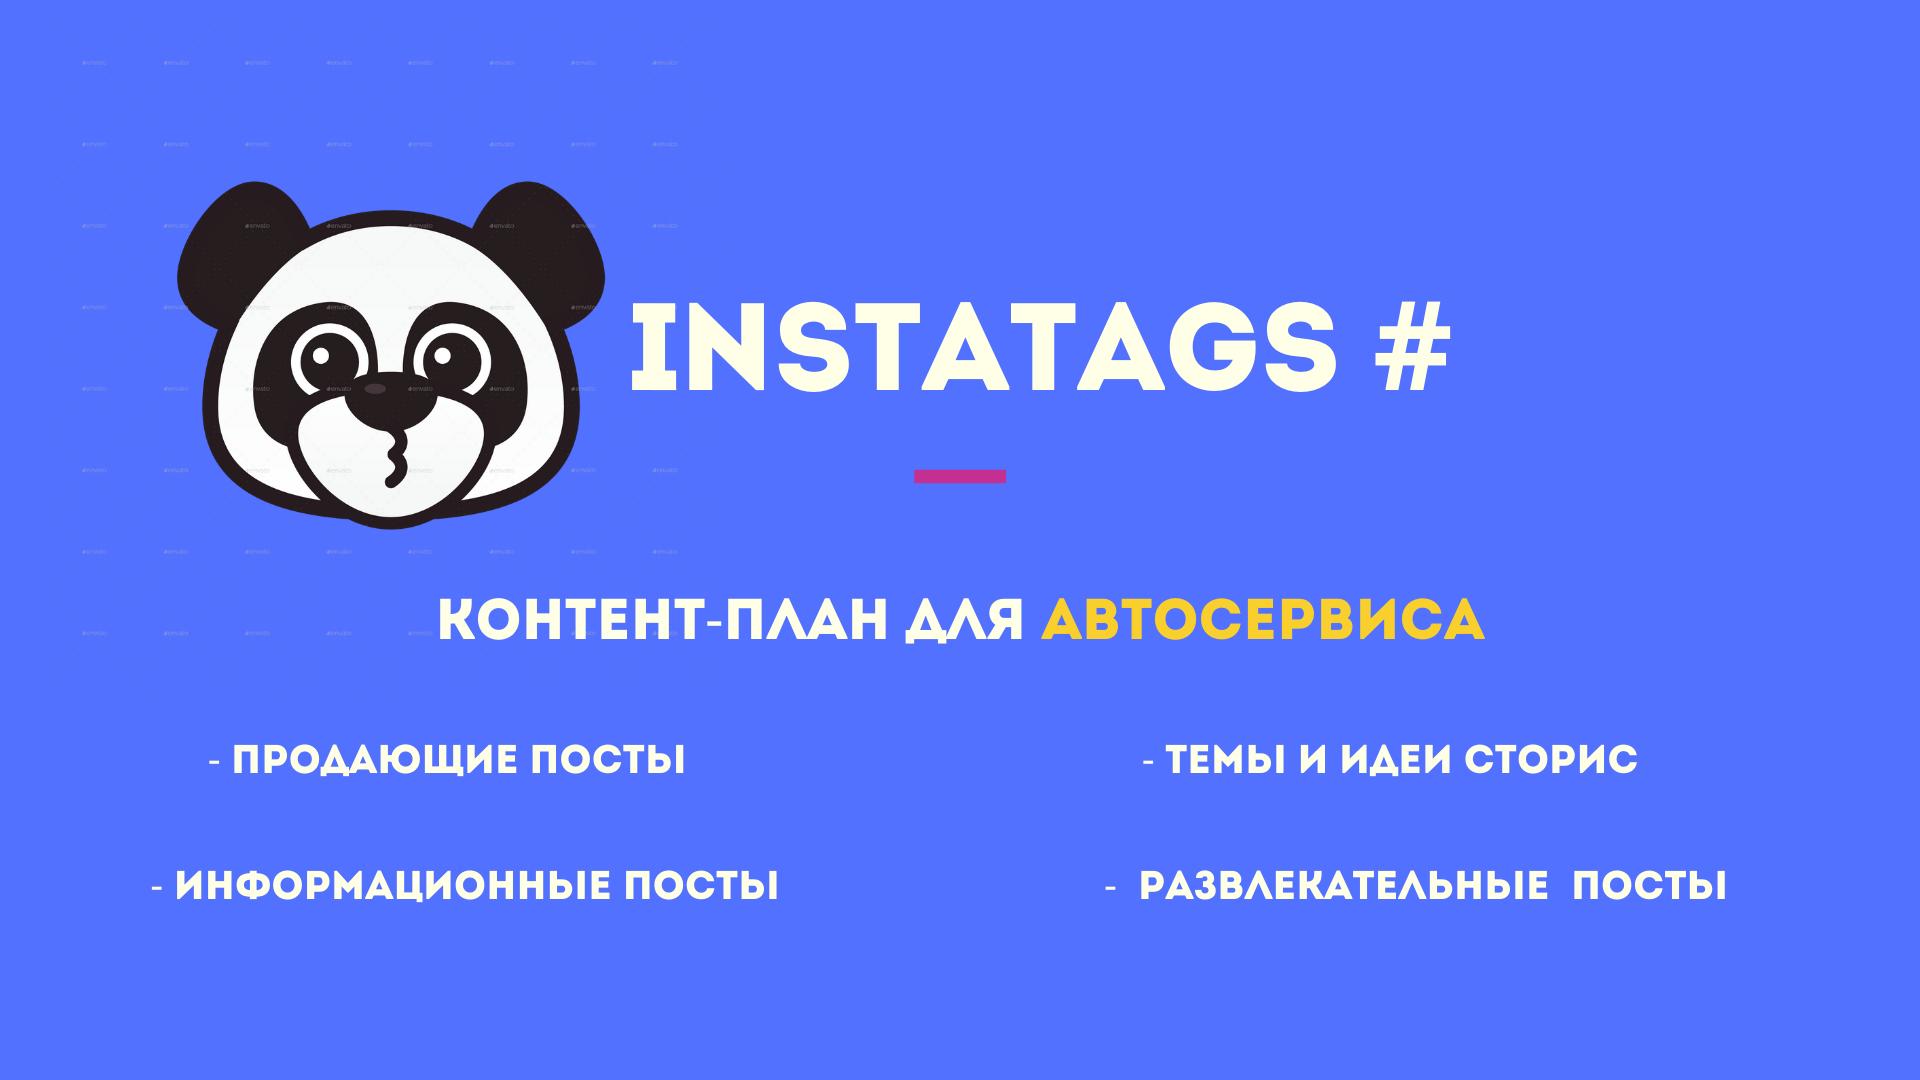 Готовые темы для постов контент-плана автосервиса в Инстаграм на месяц